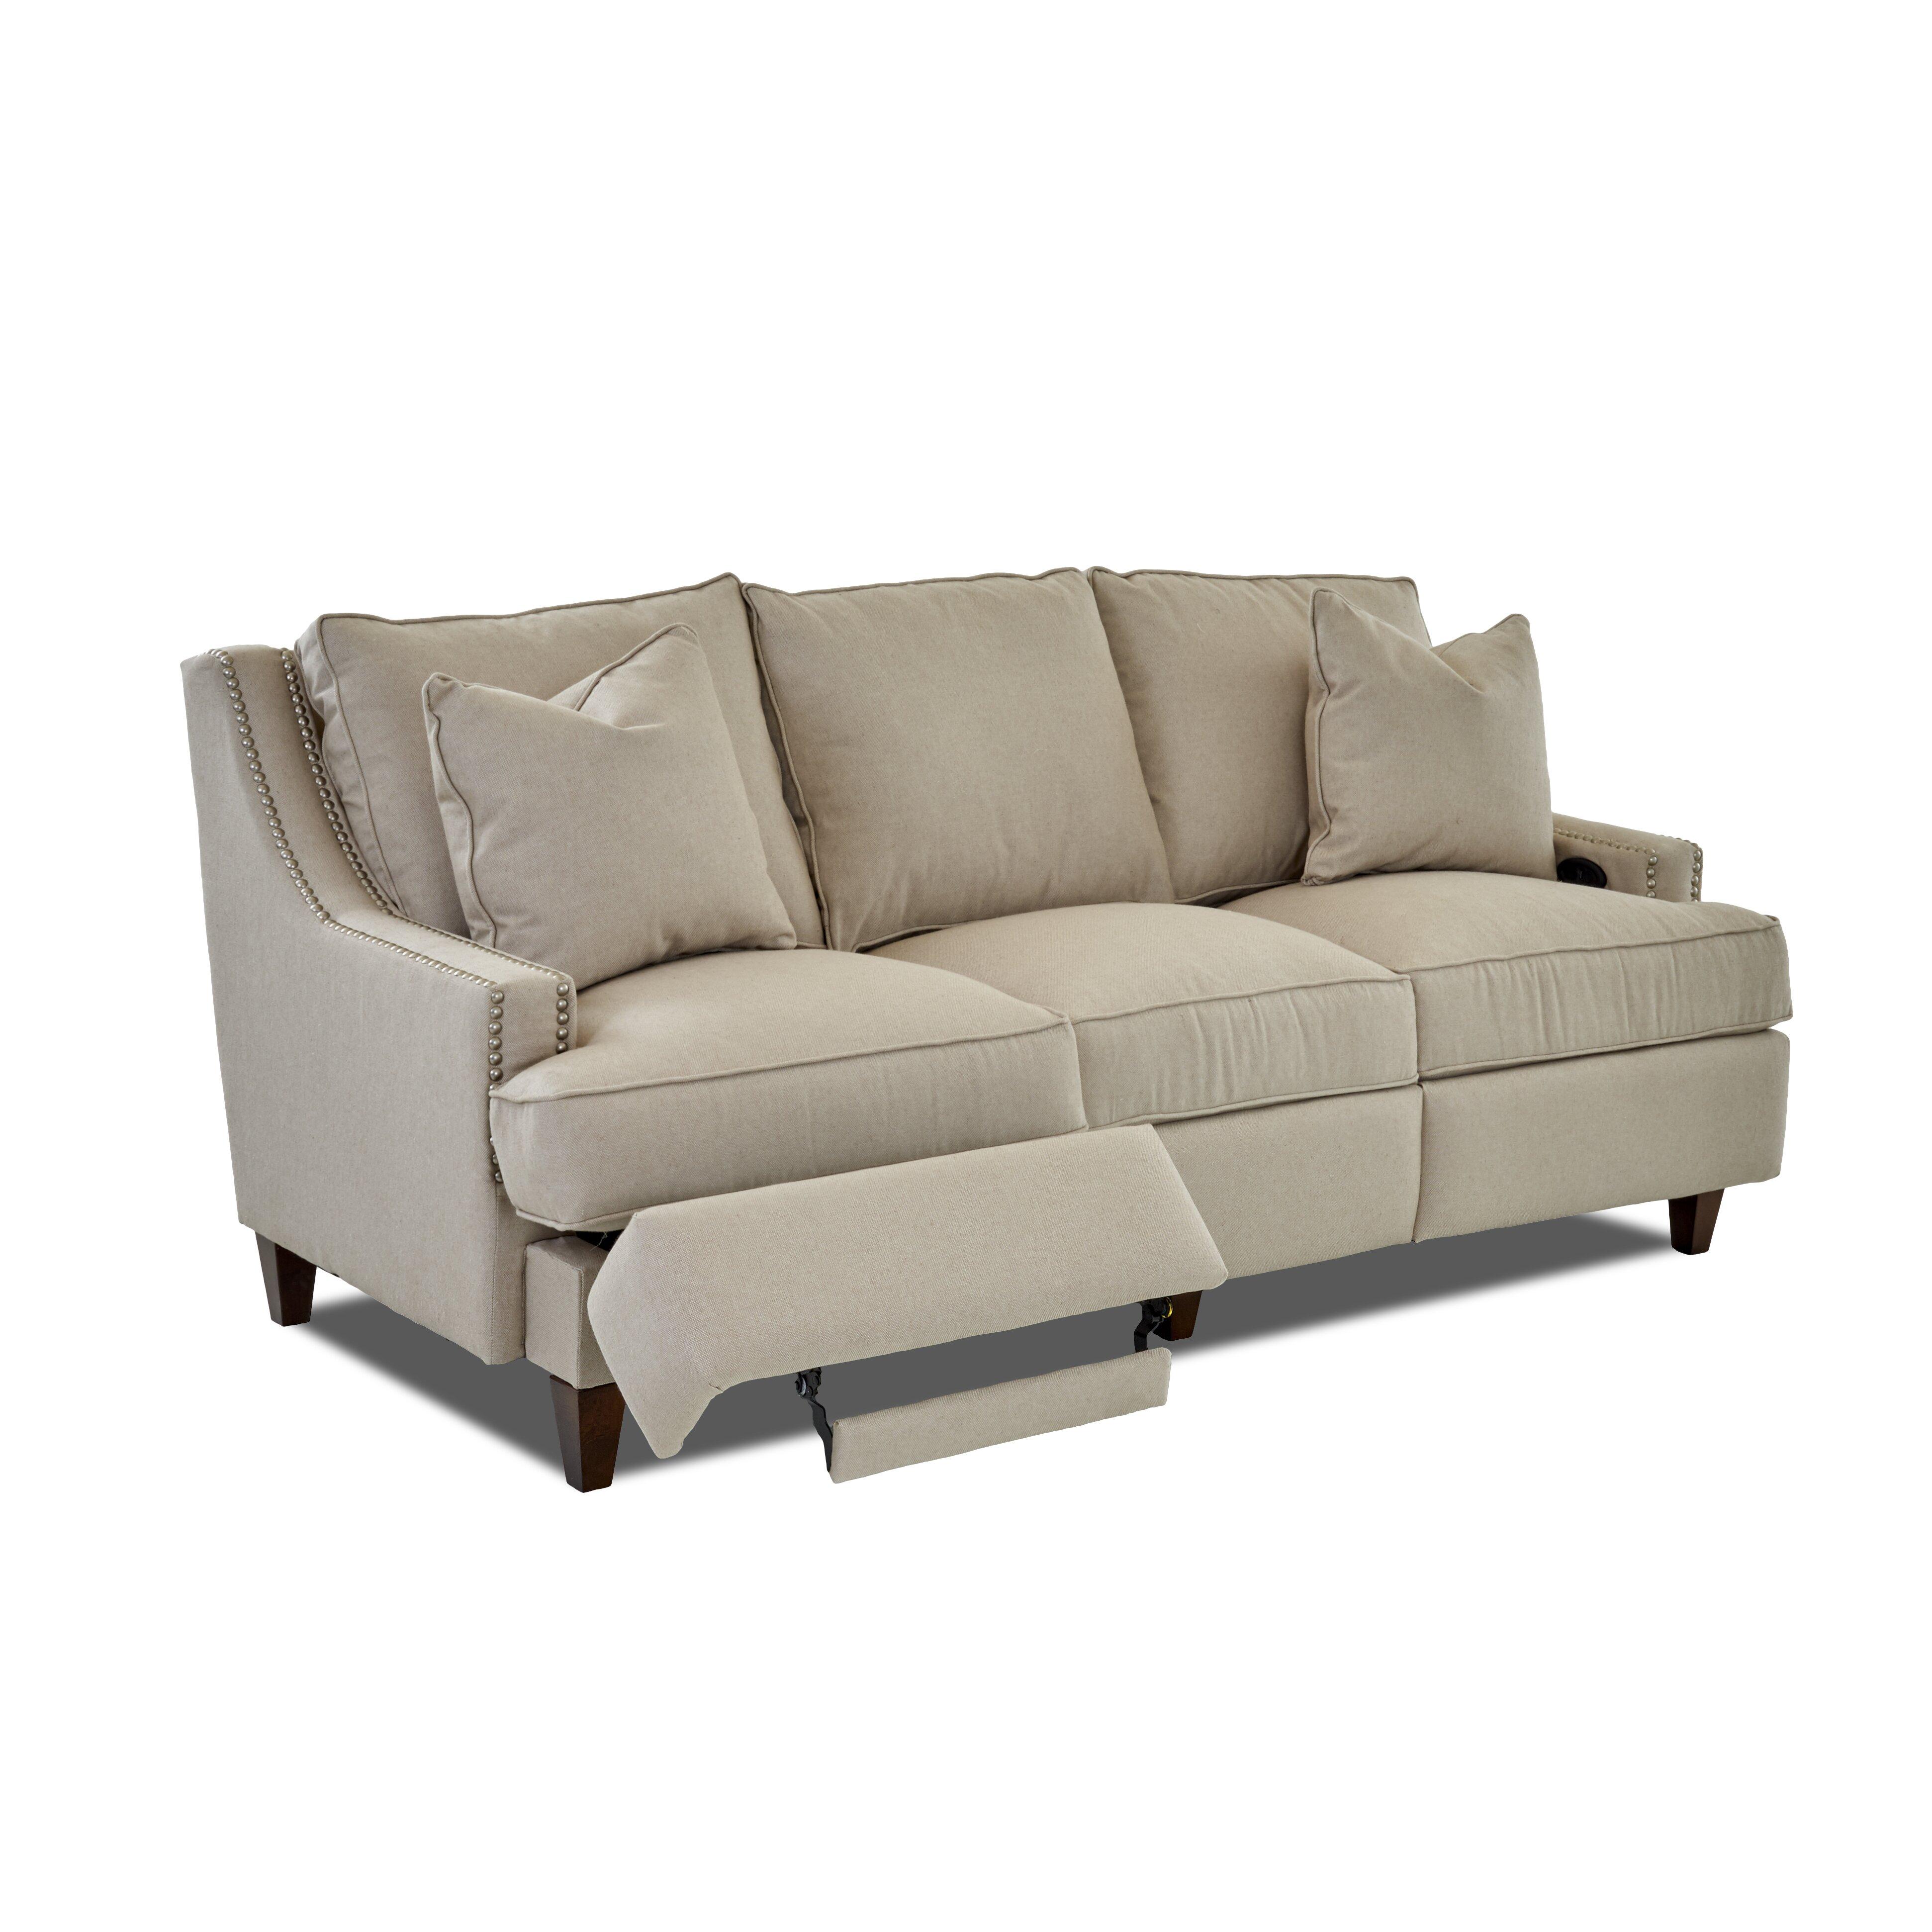 Wayfair custom upholstery tricia power hybrid reclining for Wayfair sectional sofa